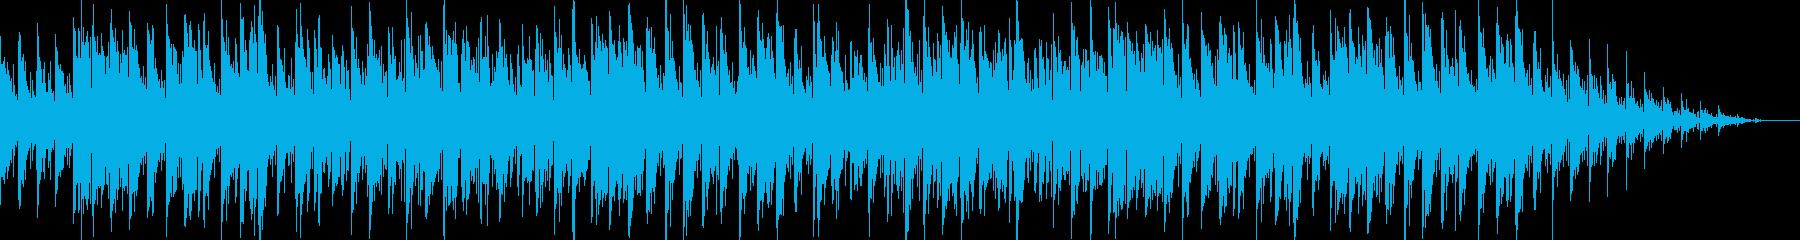 アコースティックアレンジの洋楽風ポップスの再生済みの波形